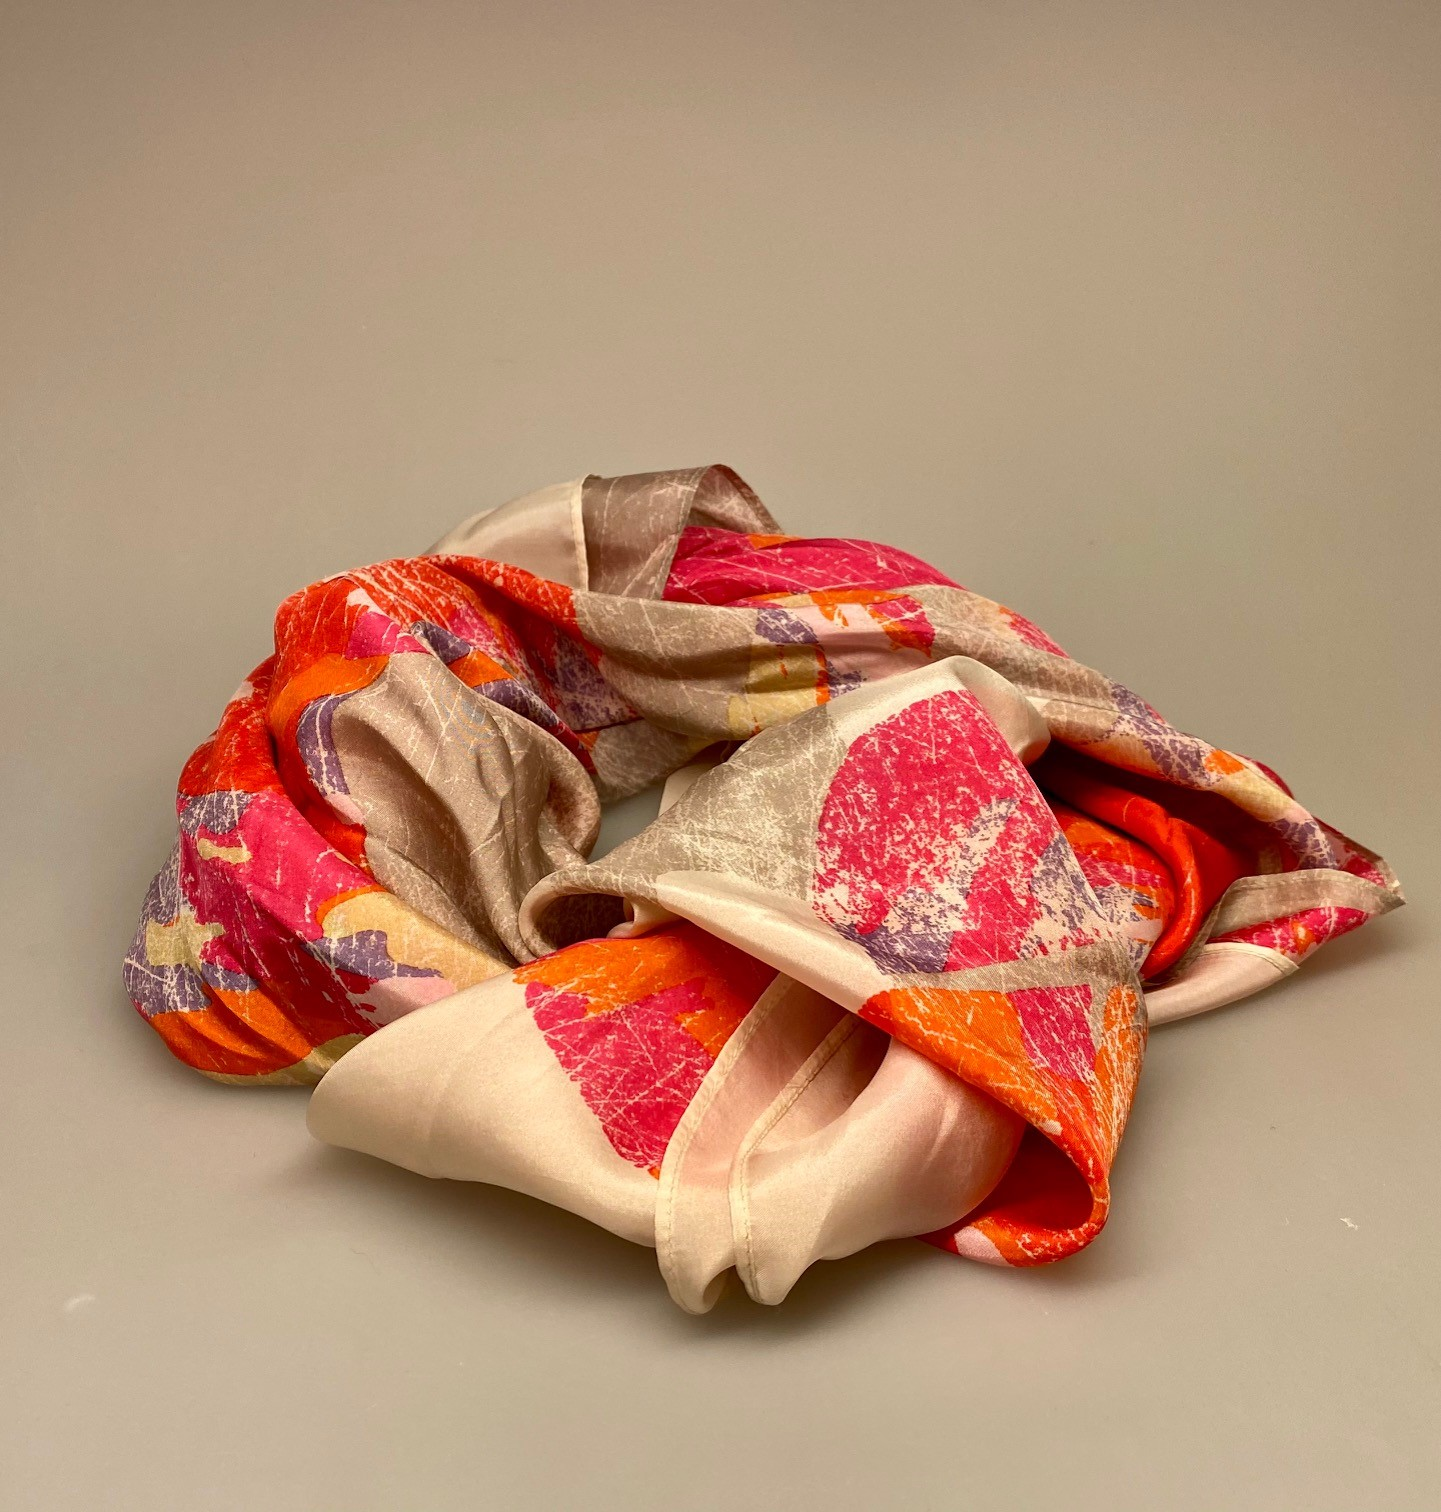 Silketørklæde Satin kvadratisk med tryk Pink, beige, sandfarvet, rød, orange, kulørt, muntert, frisk, glade farver, Silketørklæde Satin kvadratisk med tryk Rødt, Silketørklæde Satin kvadratisk med tryk , rød, sandfarvet, mønster, Silketørklæde Satin kvadratisk, silke, ren silke, silketørklæde, kvadratisk, firkantet, satin, silkesatin, luksus, lækkert, kvalitet, gaveide, ekstravagant, elegant, topkvalitet, festligt, farverigt, kulørt, dame, sporty, smart, til gråt hår, luner, varmer, blødt, glat, stort, biti, ribe, vadehavet, nationalpark, domkirke,